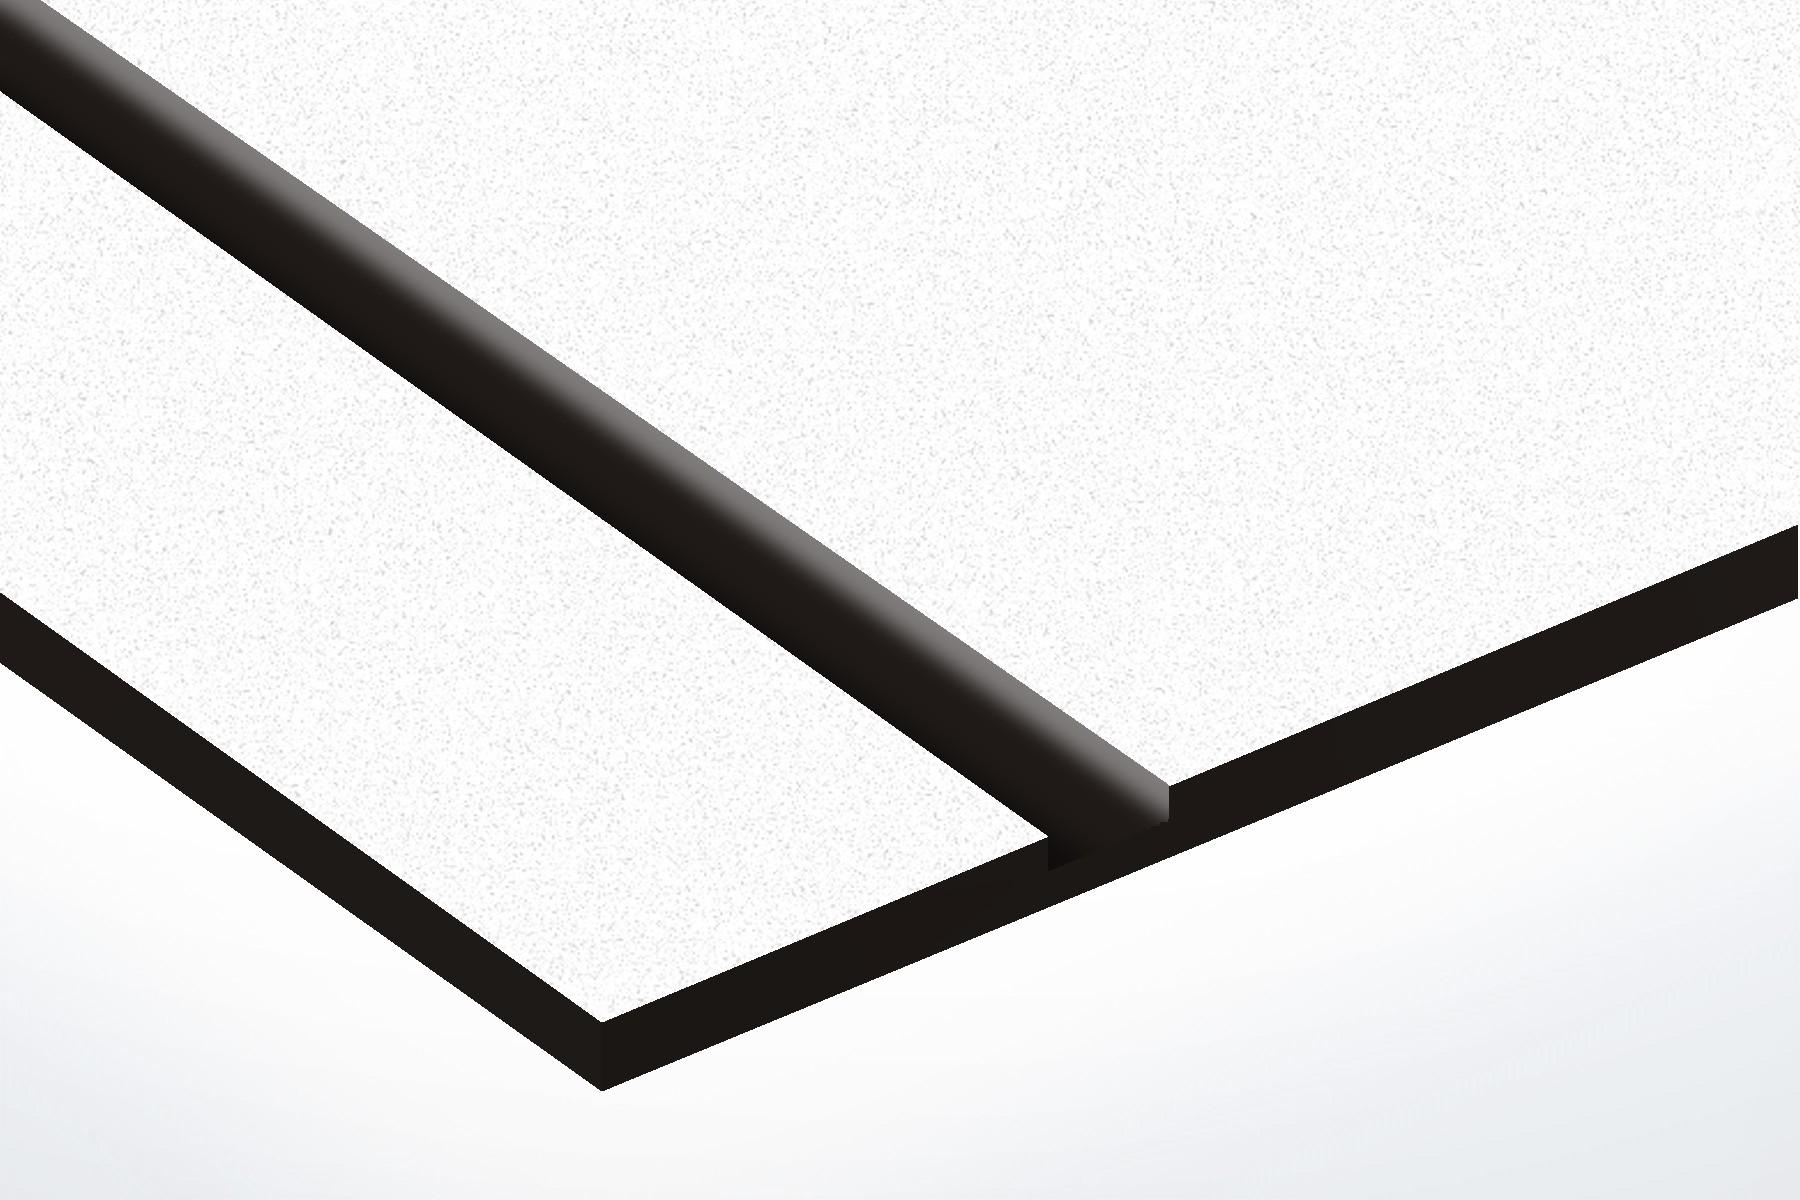 TroLase Textures, White/Black, 2ply, 1.6 mm